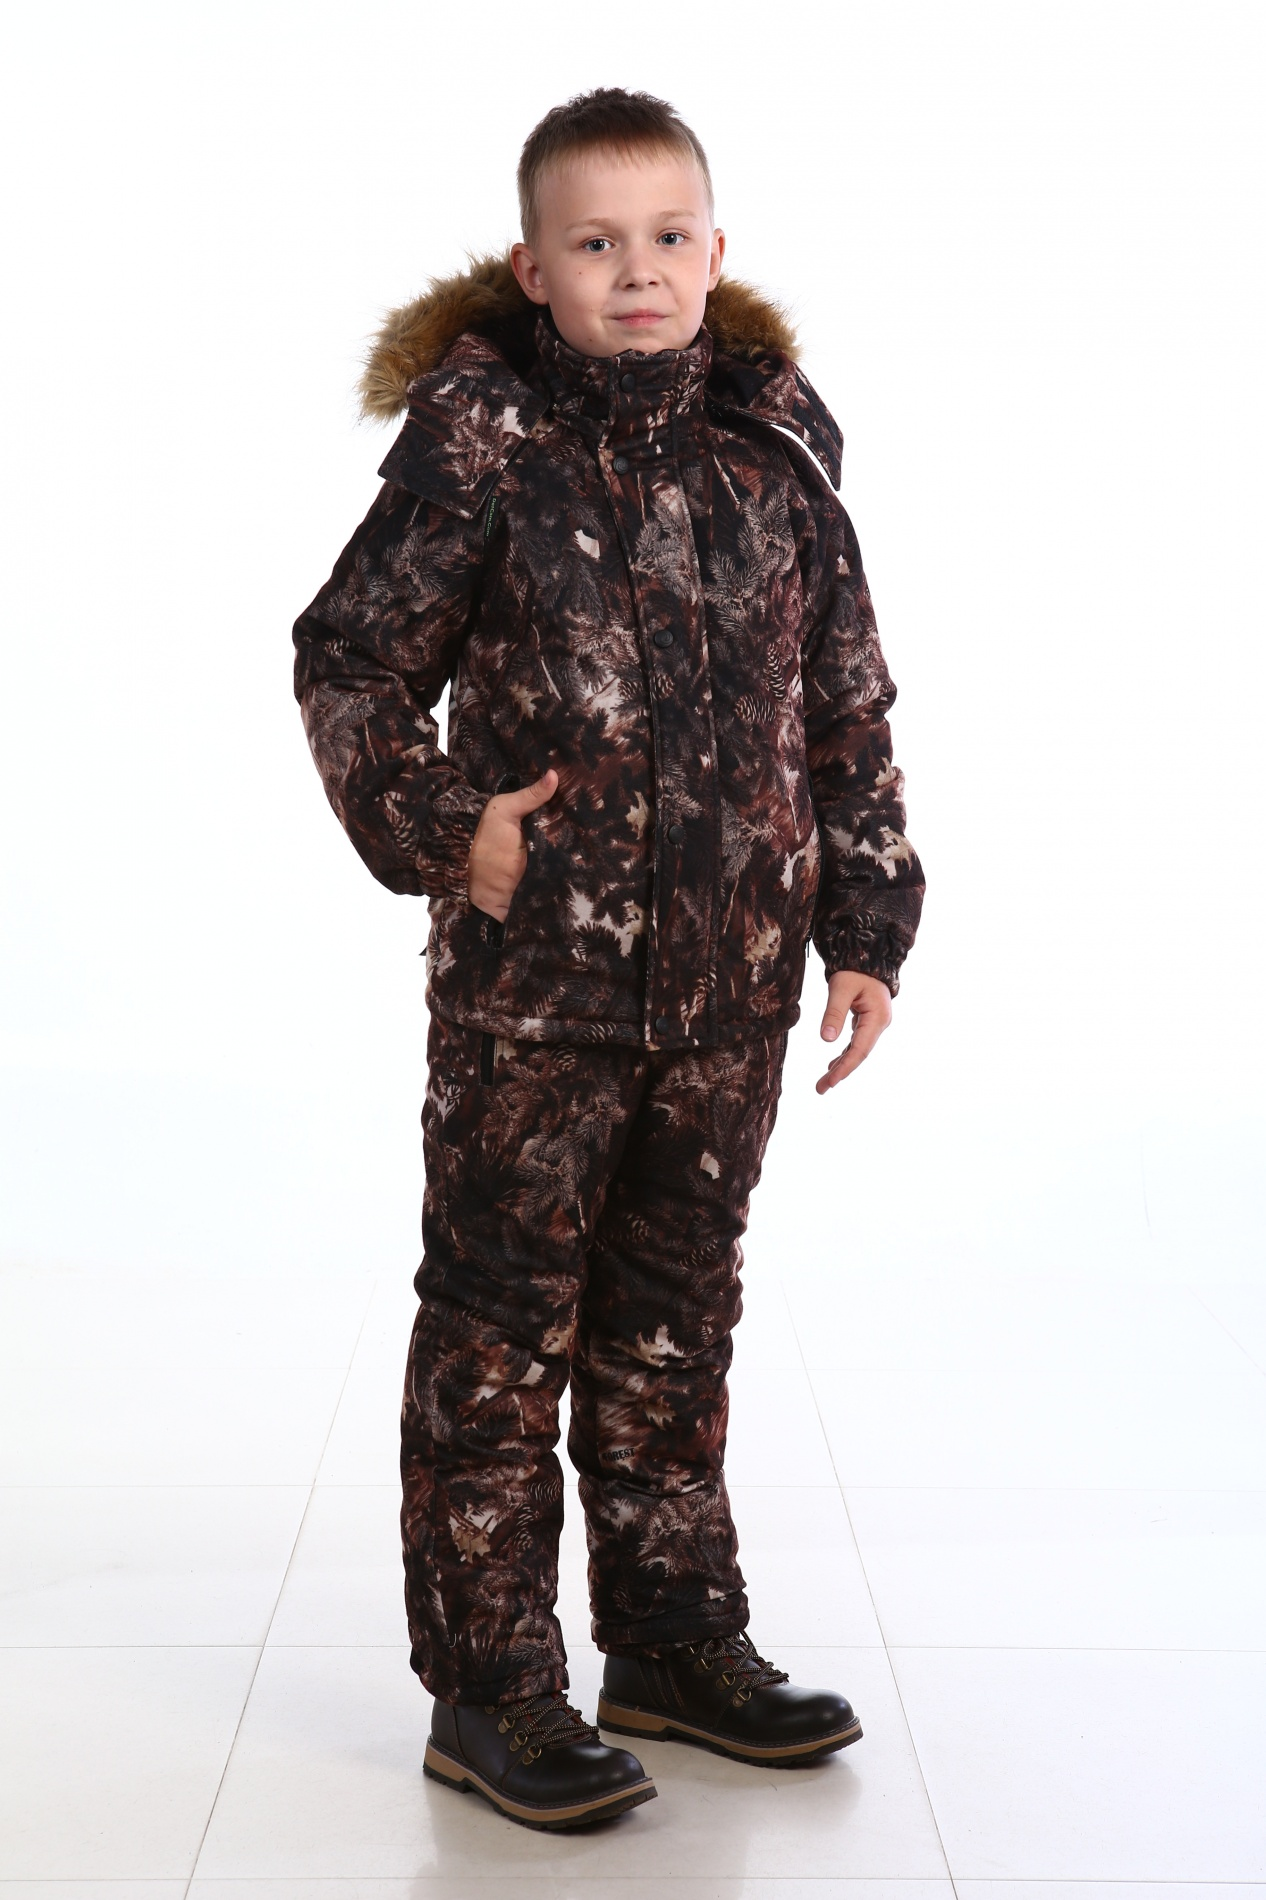 Костюм зимний детский Медвежонок (146)Костюмы утепленные<br>Костюм зимний куртка+полукомбинезон. Центральная <br>застежка на фронтальную молнию, закрытую <br>ветрозащитной планкой на кнопках. Ккапюшон <br>пристегивается на молнию, с регулировкой <br>лицевой части по высоте резиновым шнуром. <br>Съемная меховая опушка из натурального <br>меха на кнопках. Регулировка низа куртки <br>резиновым шнуром. Ро низу рукавов внутренние <br>манжеты из трикотажного полотна. Центральная <br>застежка полукомбинезона на фронтальную <br>молнию. Наколенники. Бретели с эластичными <br>вставками и фастексами. Ветрозащитные юбки <br>по низу полукомбинезона. Количество карманов <br>- 5. Ткань верха: Алова Подкладка:COSMO-HEAT, Таффета, <br>190Т Утеплитель куртка:Шелтер 400г/м2 Утеплитель <br>брюки:Шелтер 200г/м2 Водонепроницаемость:3000 <br>мм Паропроницаемость:1000 г/м2/24 часа Светоотражающий <br>элемент Температурный режим: от -5 до -25°С<br><br>Пол: мужской<br>Рост: 146<br>Сезон: зима<br>Материал: Алова 100% полиэстер